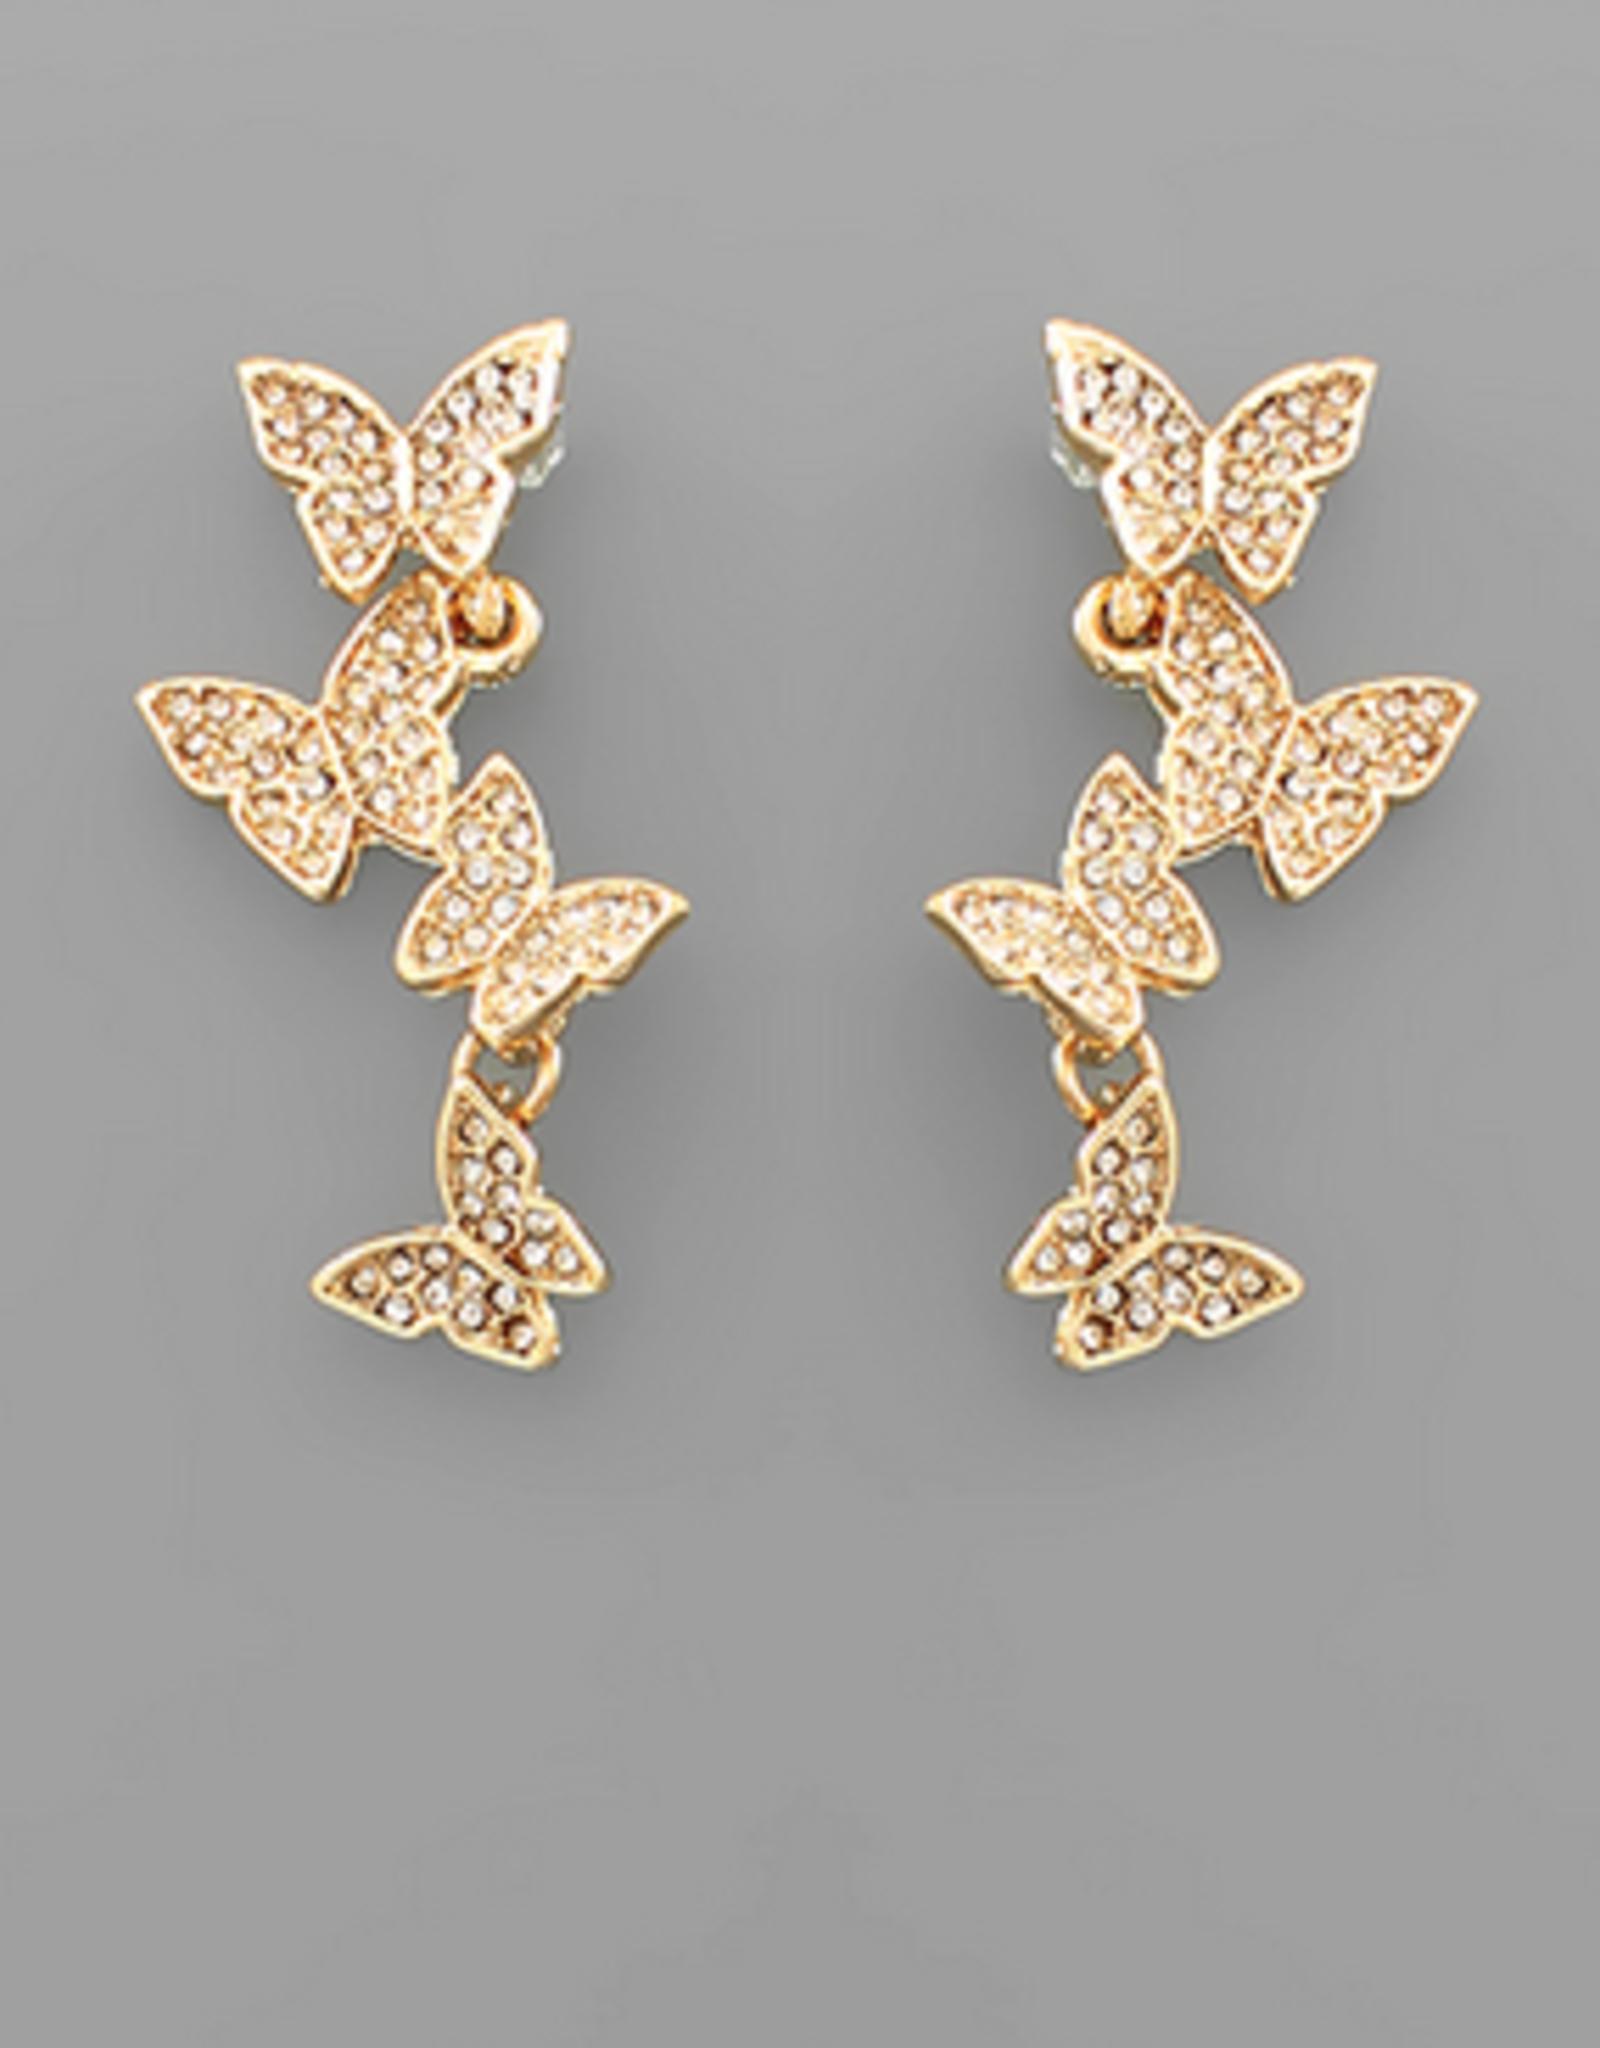 Golden Stella 4 Crystal Butterfly Stud Drop Earrings, Gold